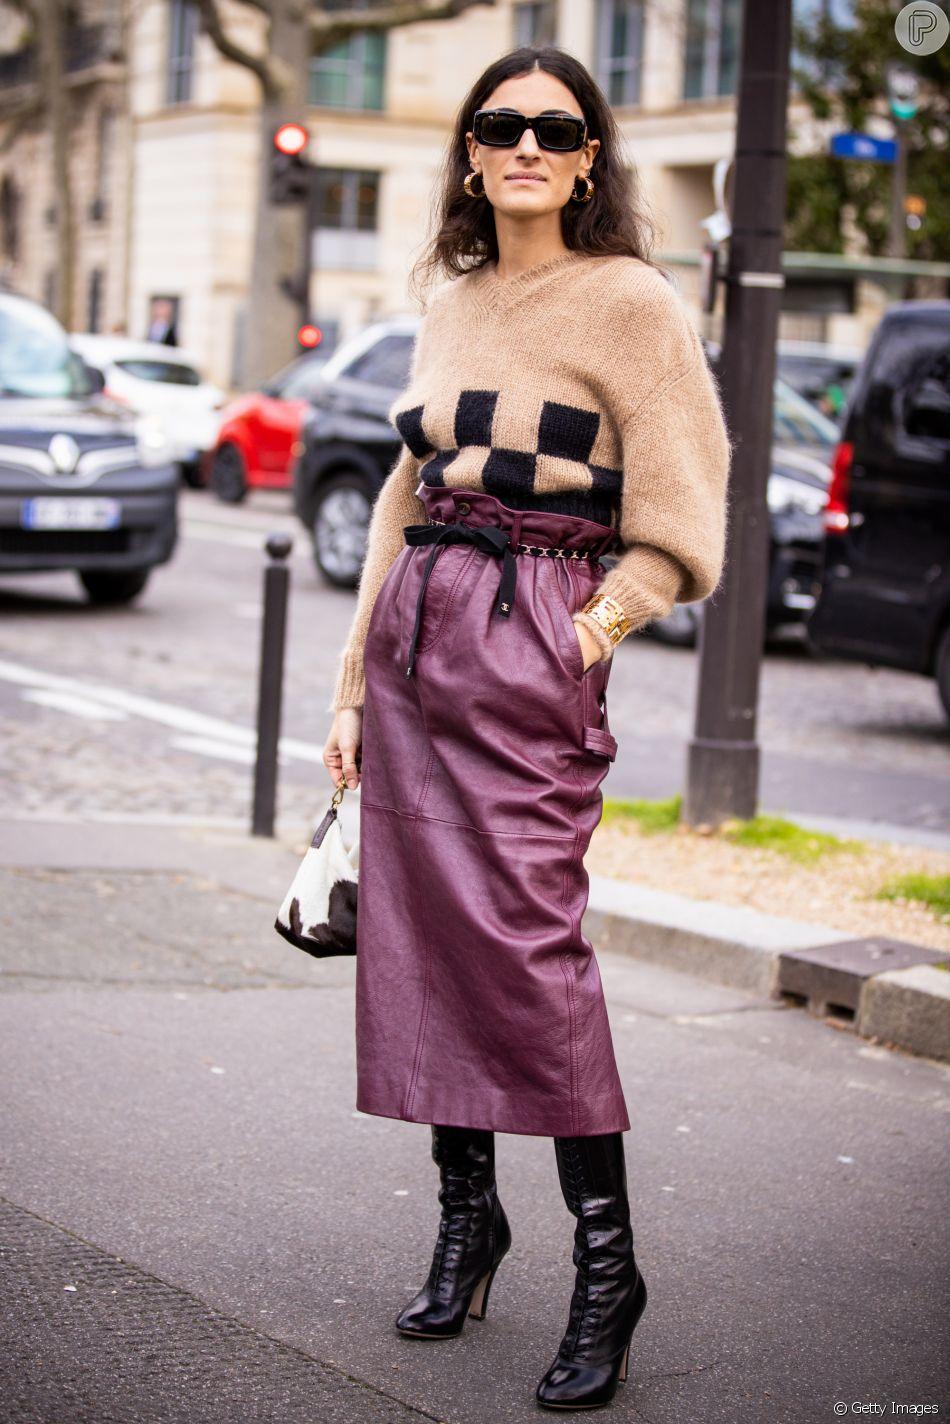 Para deixar o tricô mais atual, que tal unir a peça com saia de couro?